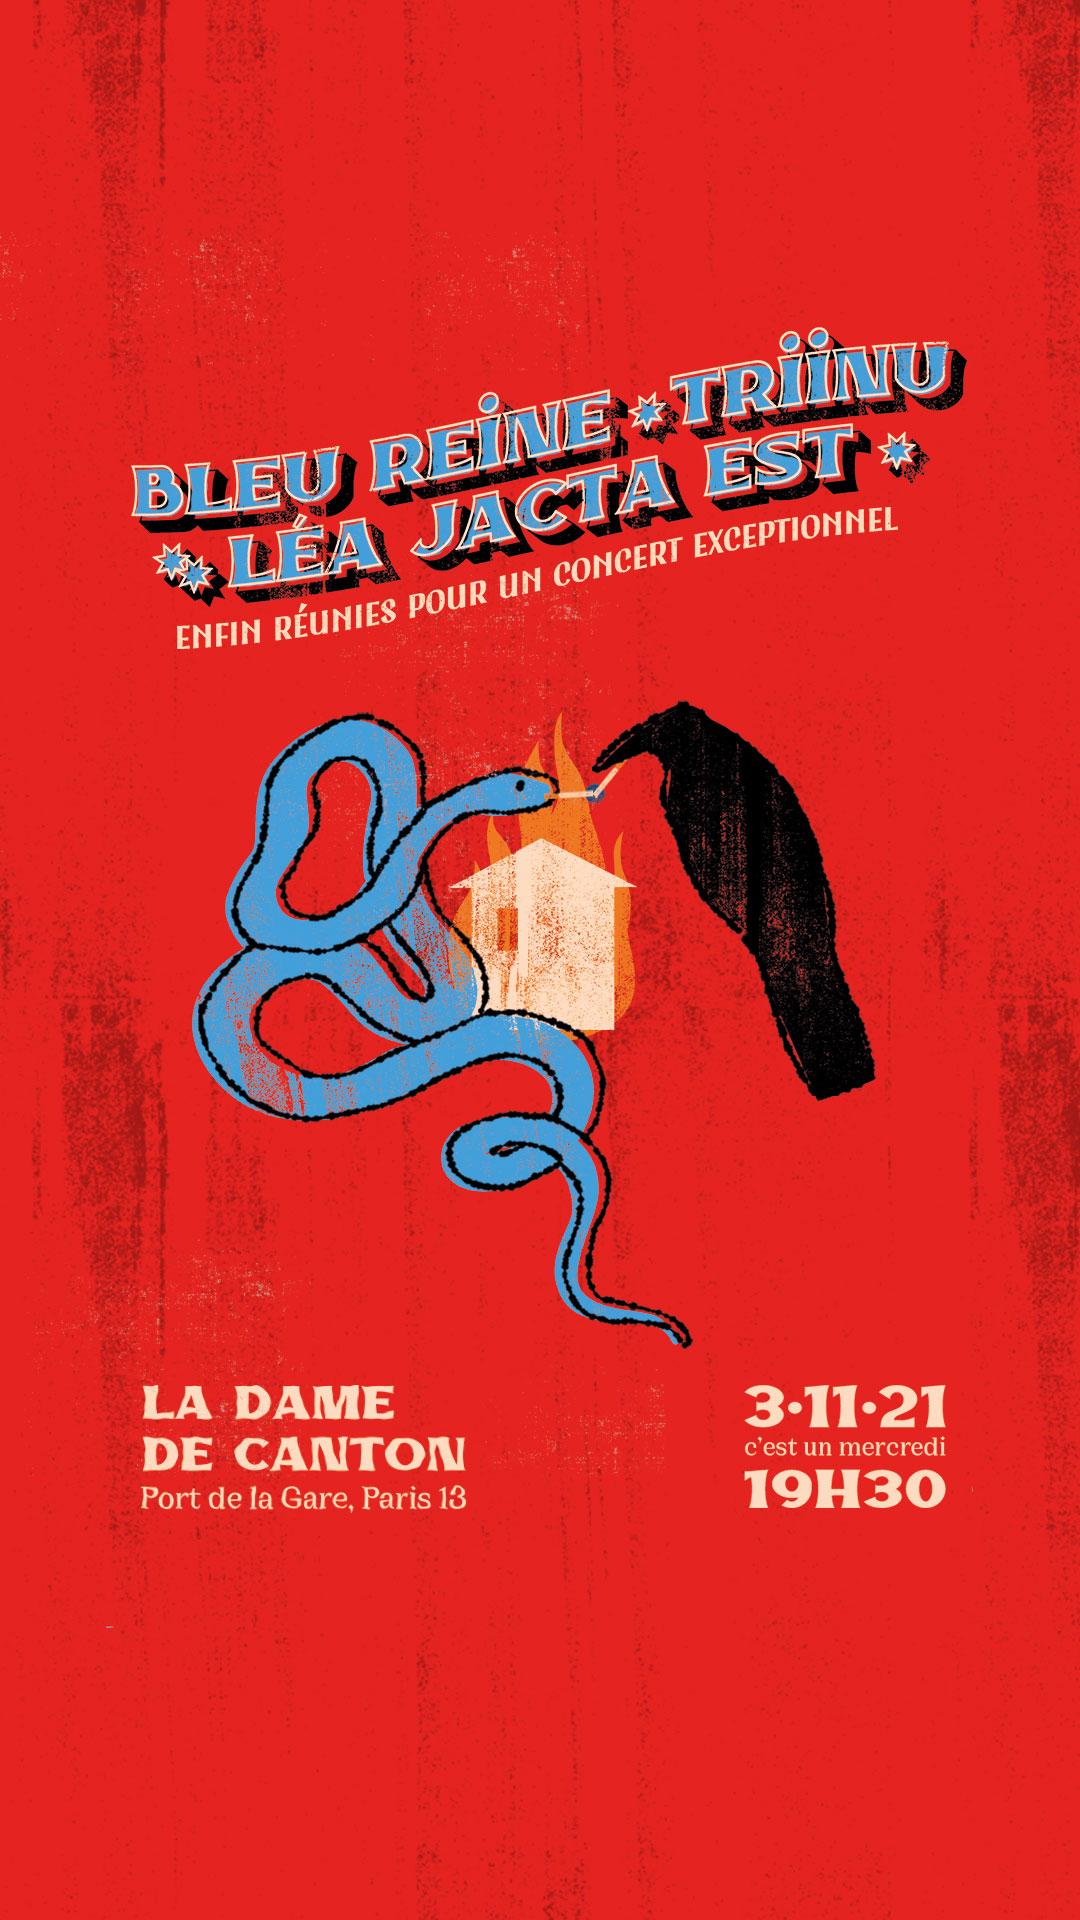 Léa Jacta Est + Bleu Reine + TRiiNU @ La Dame de Canton (Paris (75)) - 03 novembre 2021